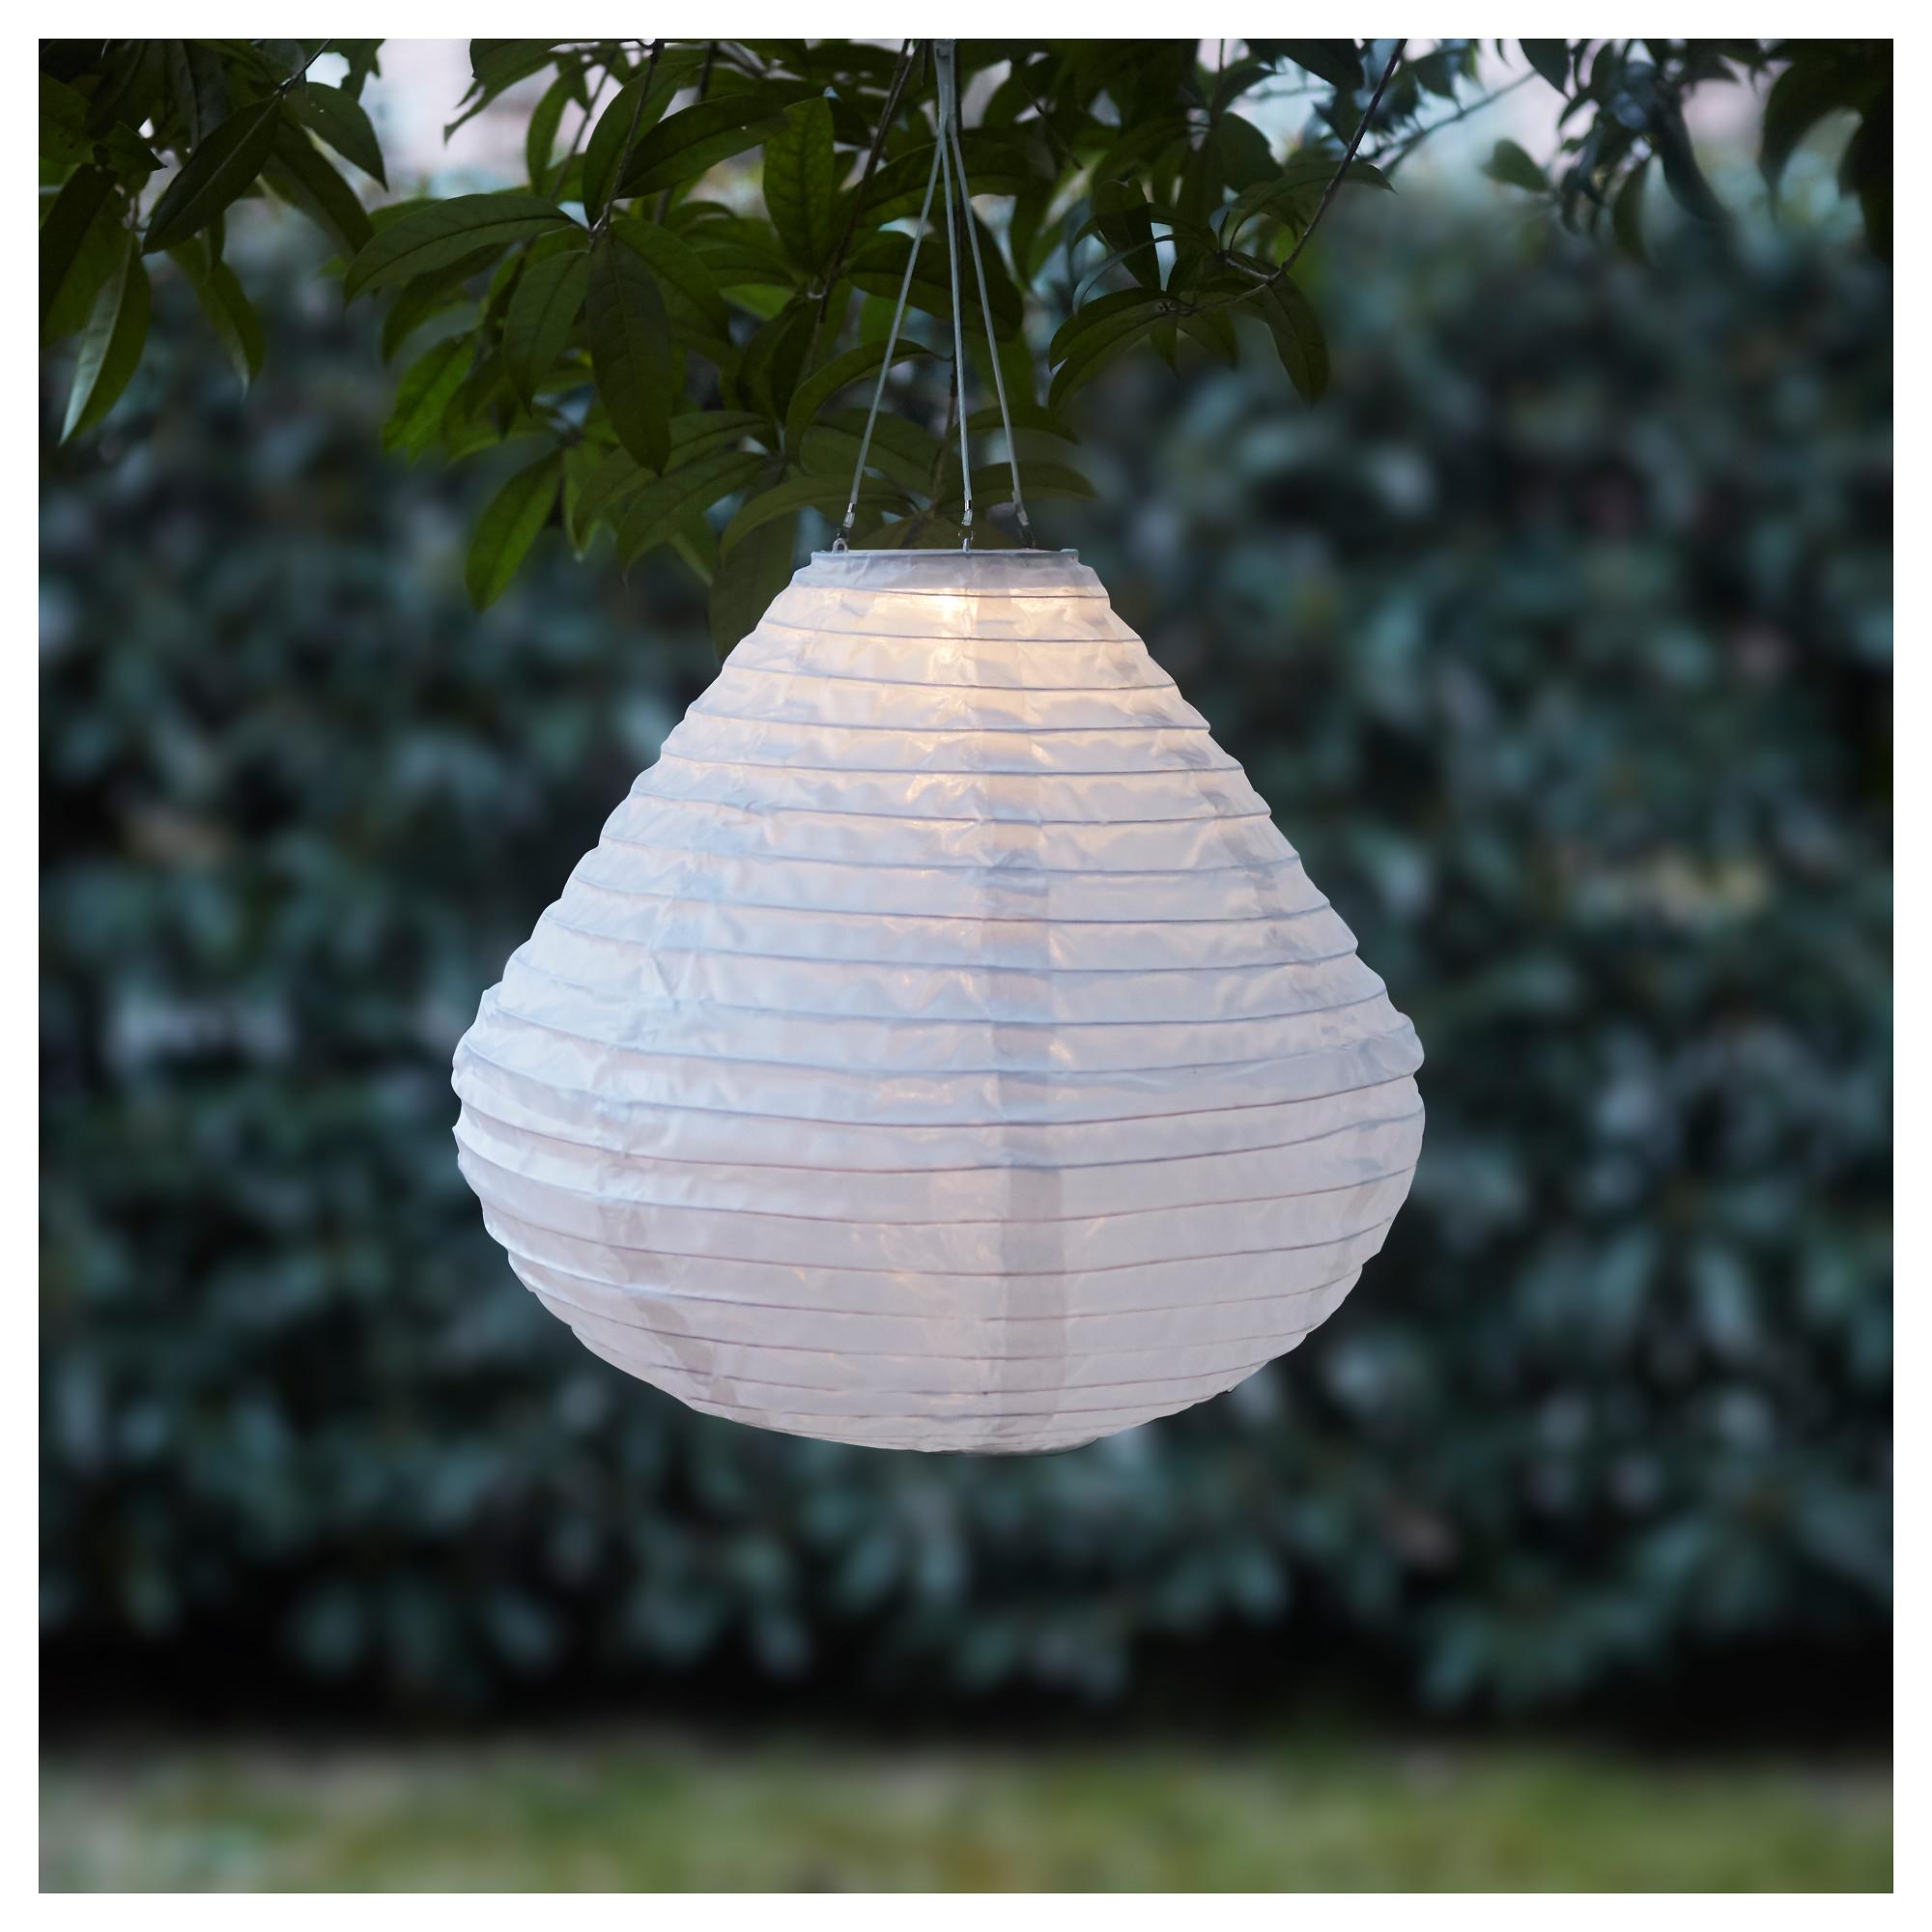 Подвесная светодиодная лампа СОЛВИДЕН белый артикуль № 903.405.71 в наличии. Онлайн магазин IKEA Минск. Недорогая доставка и соборка.